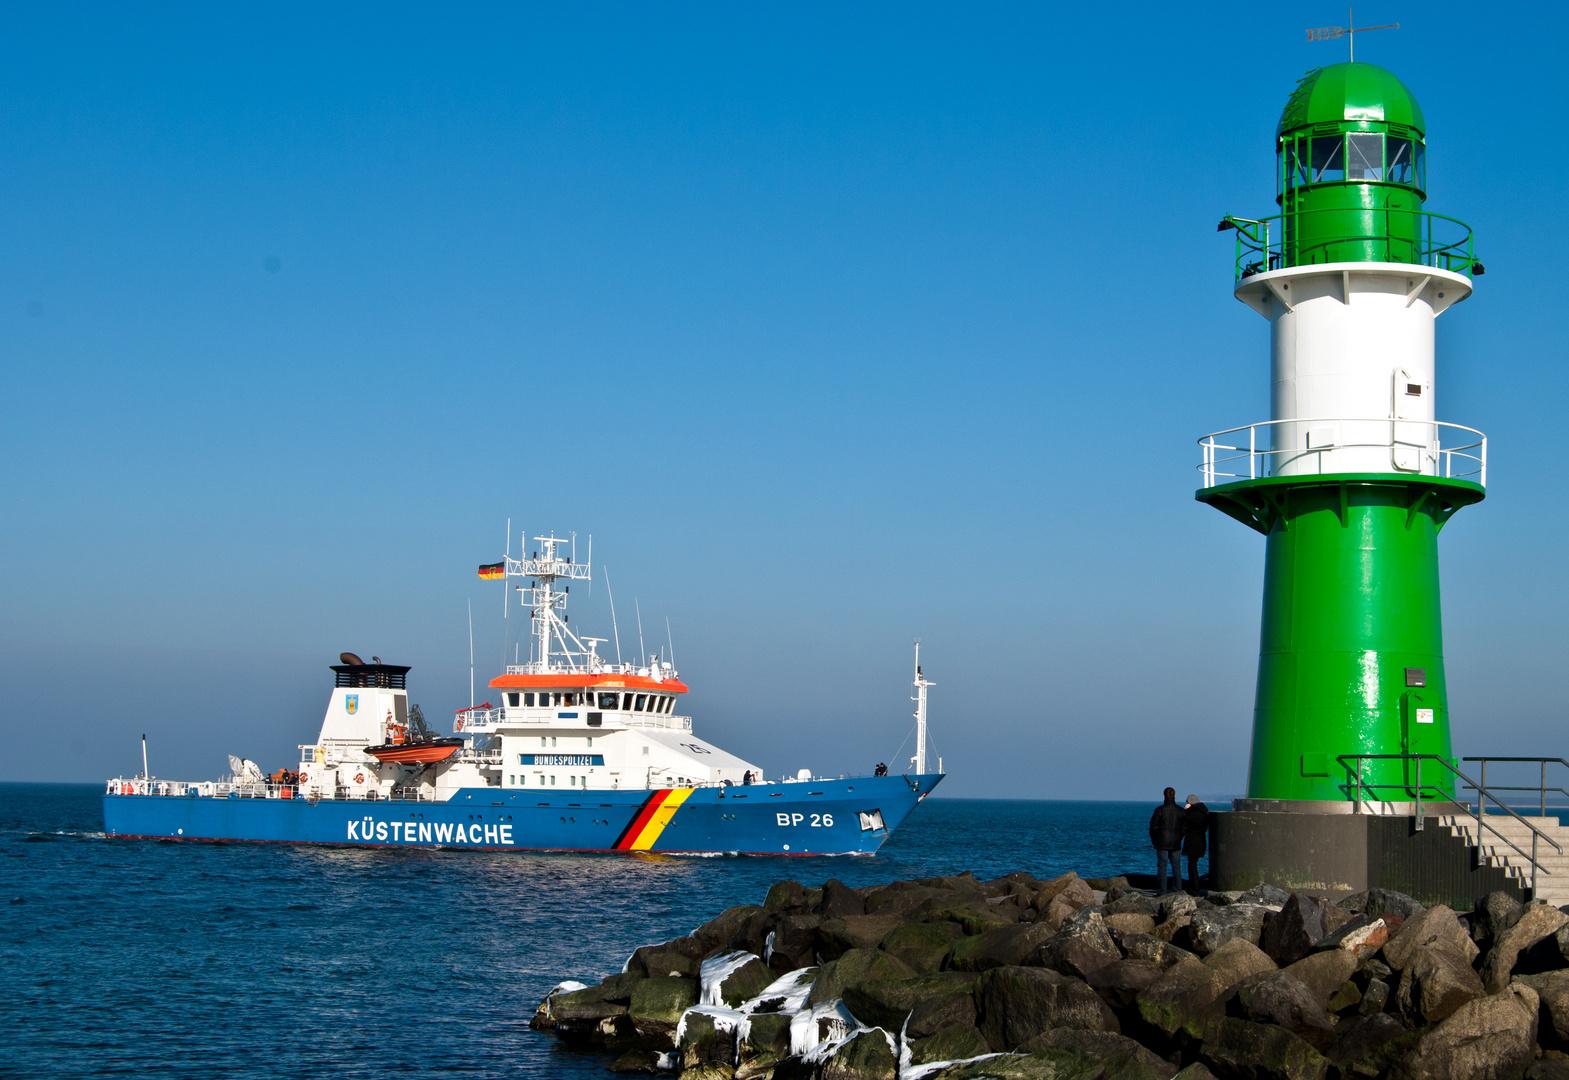 Küstenwache beim Einlaufen in Warnemünde